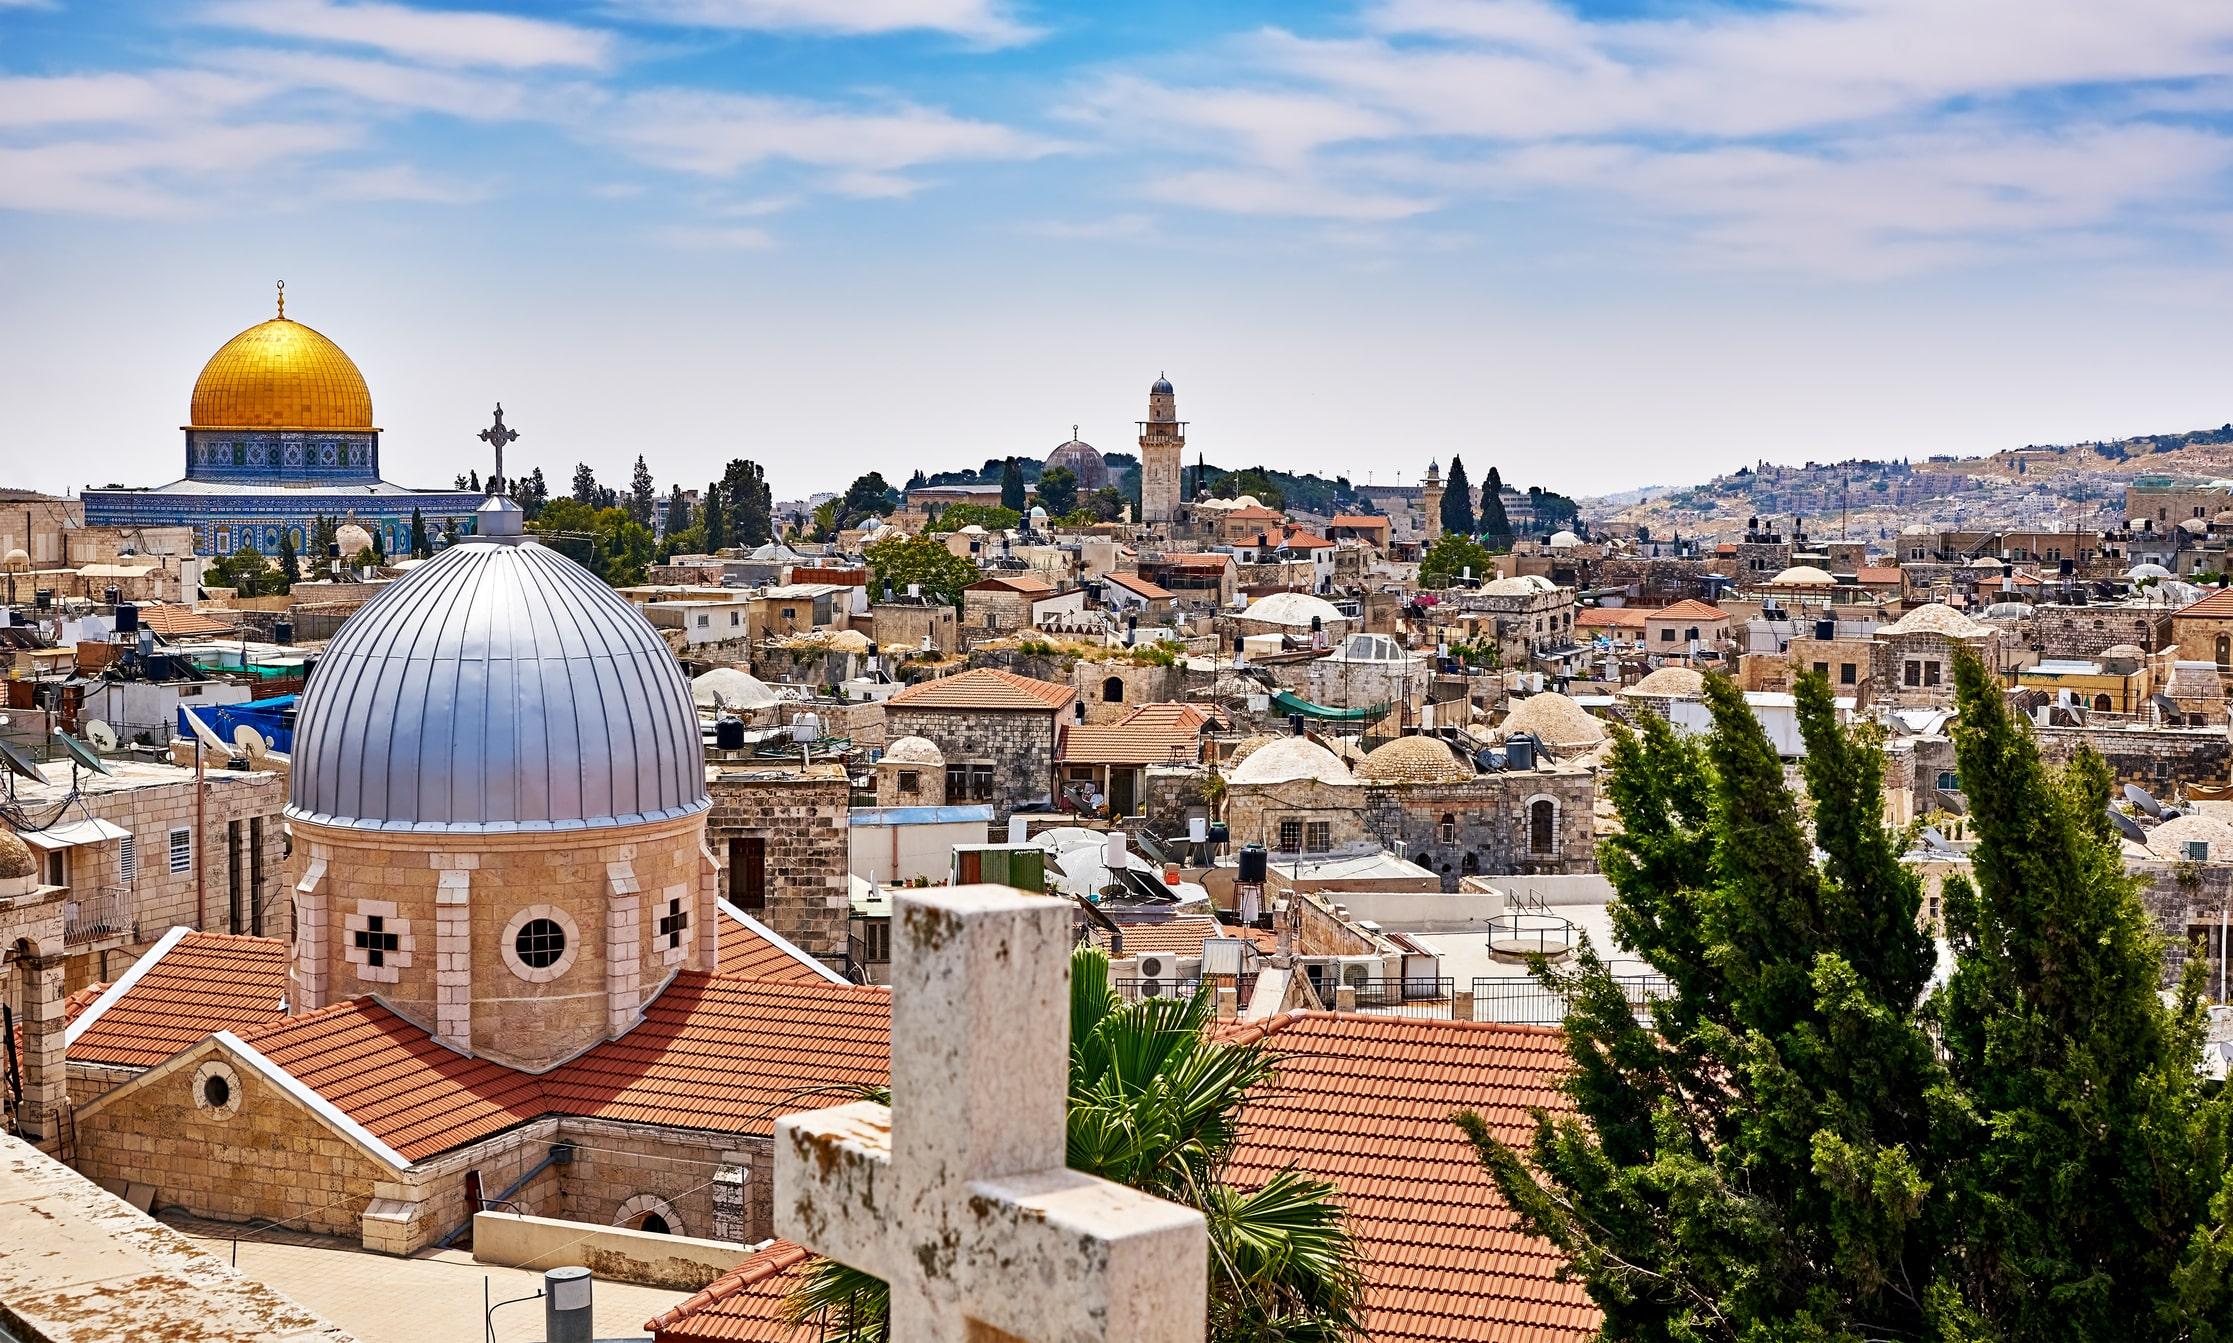 次々とイノベーションを生むハイテク国家イスラエル